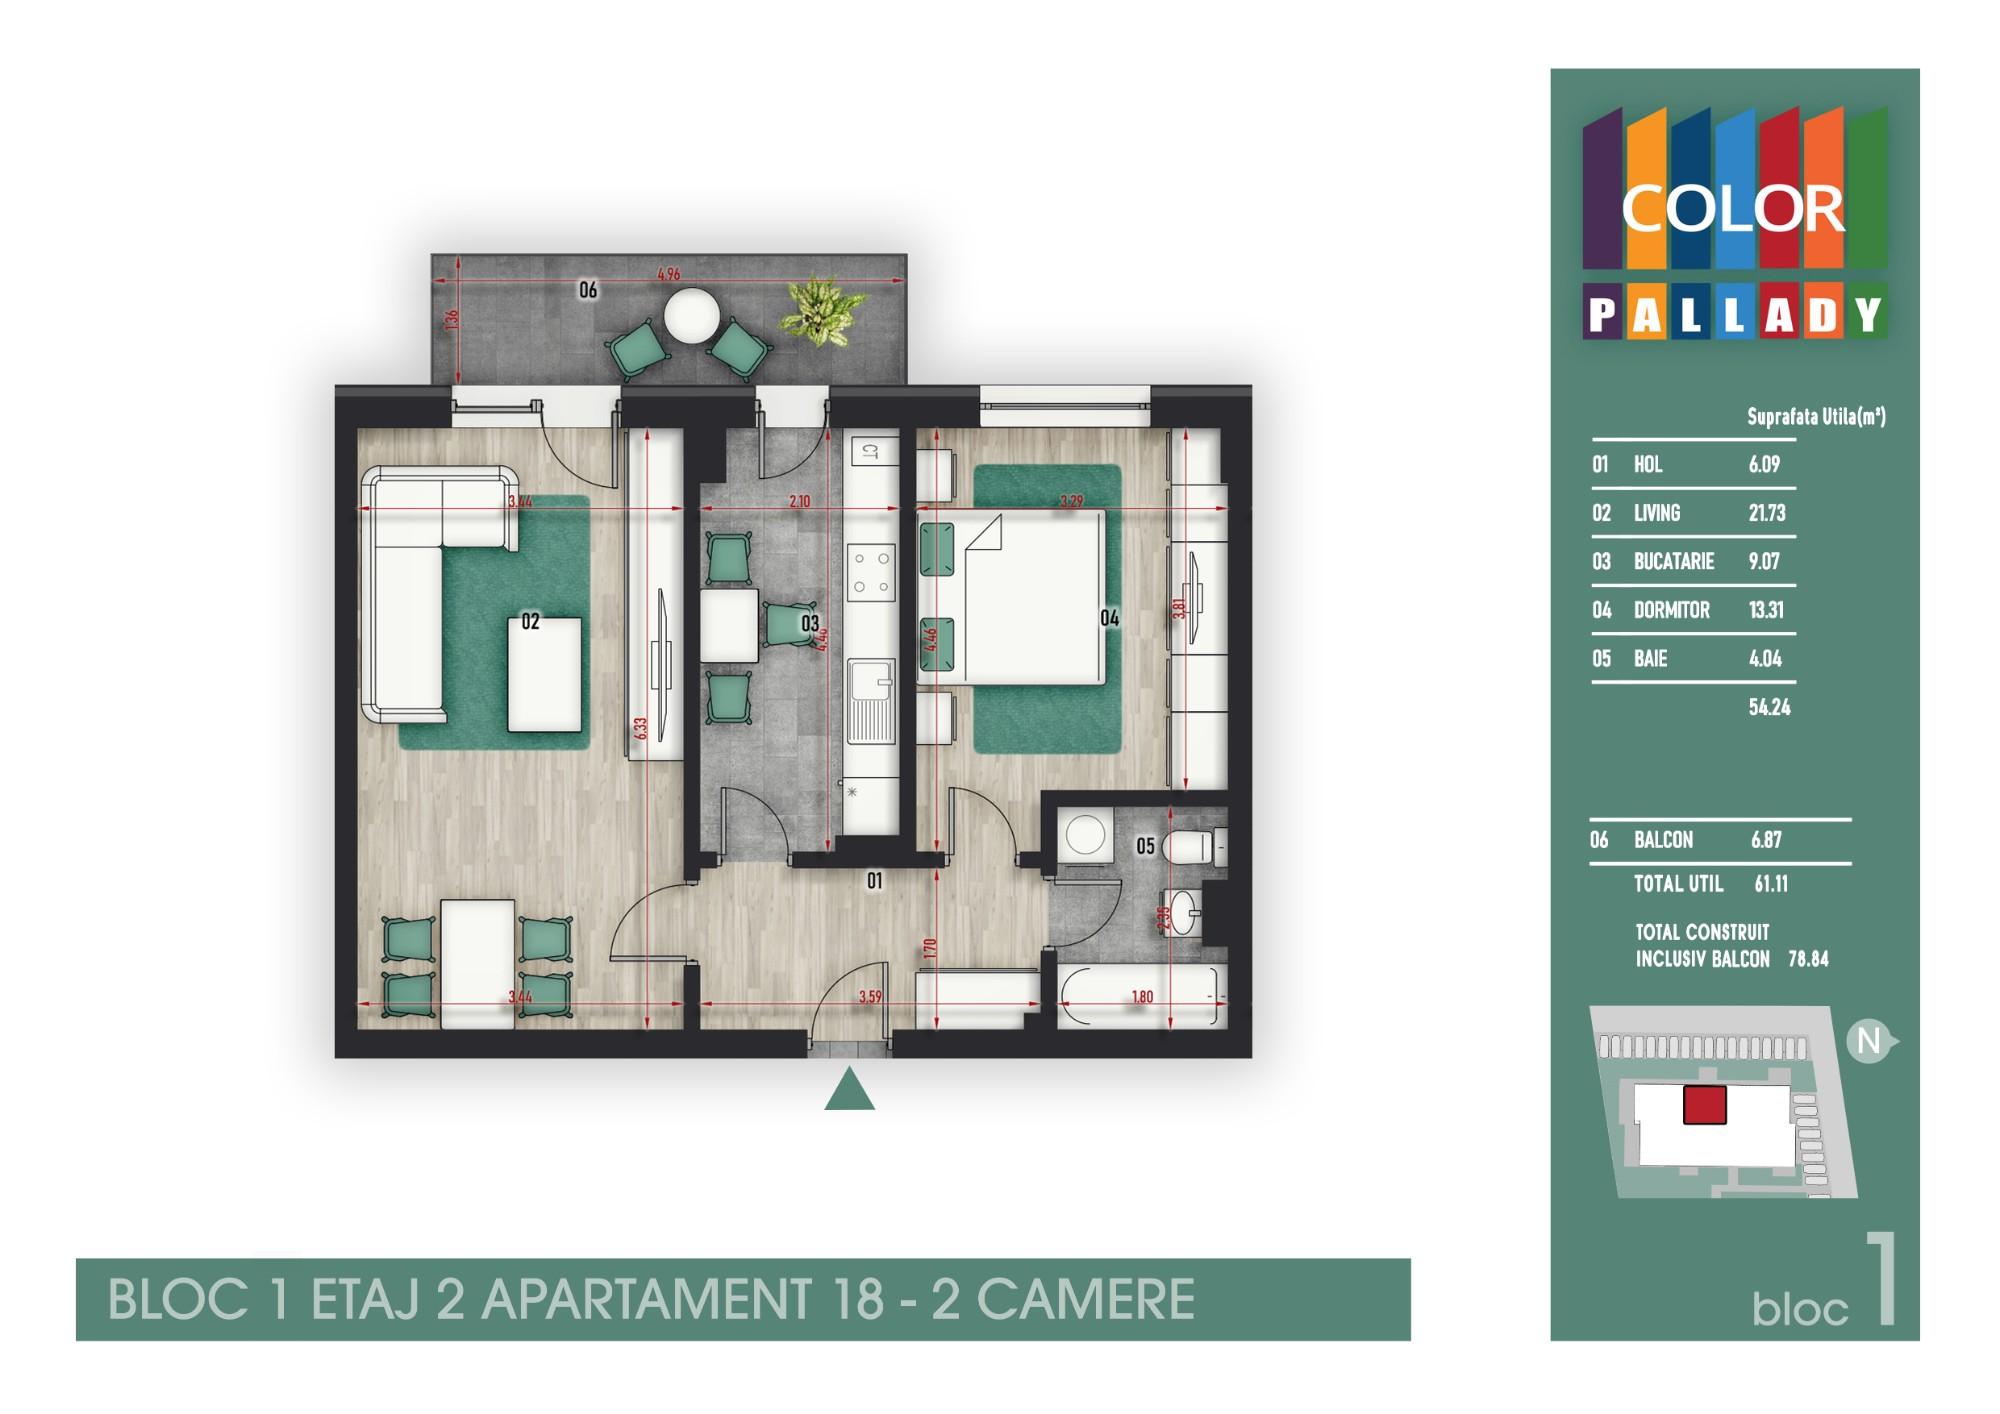 Bloc 1 - Etaj 2 - Apartament 18